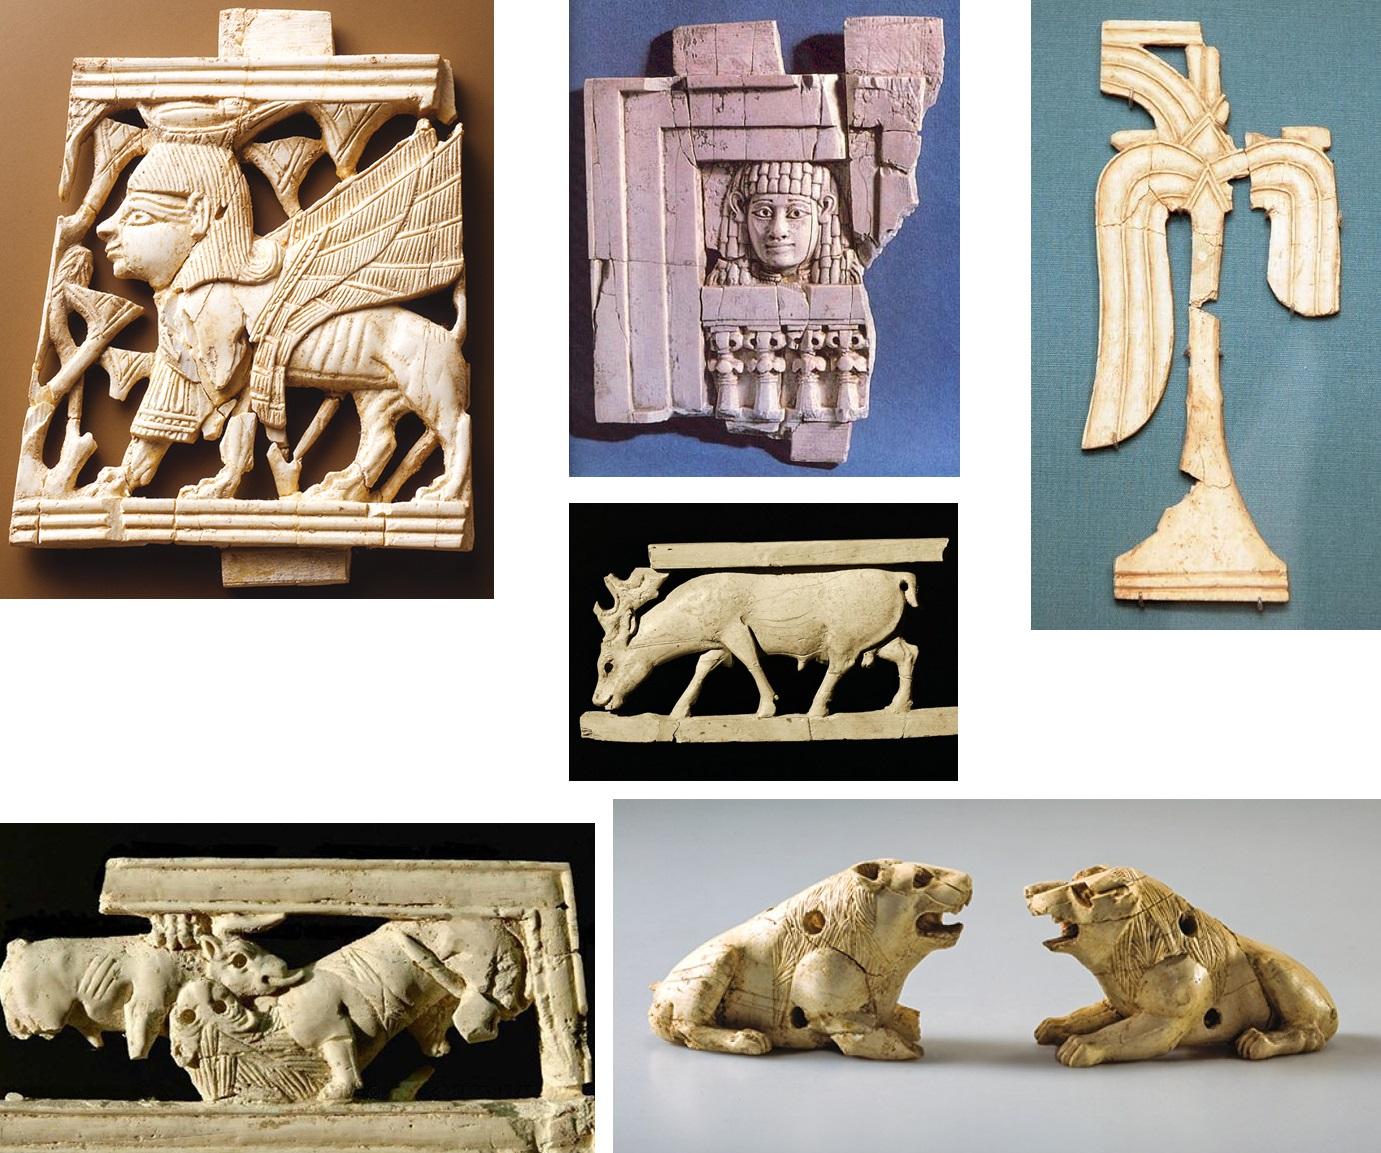 上图:考古学家在撒马利亚遗址发现了几百片主前9-8世纪的象牙物品碎片。亚哈的象牙宫里可能有大量的象牙装饰品,包括腓尼基和埃及的艺术风格。当时的象牙是从亚兰进口。